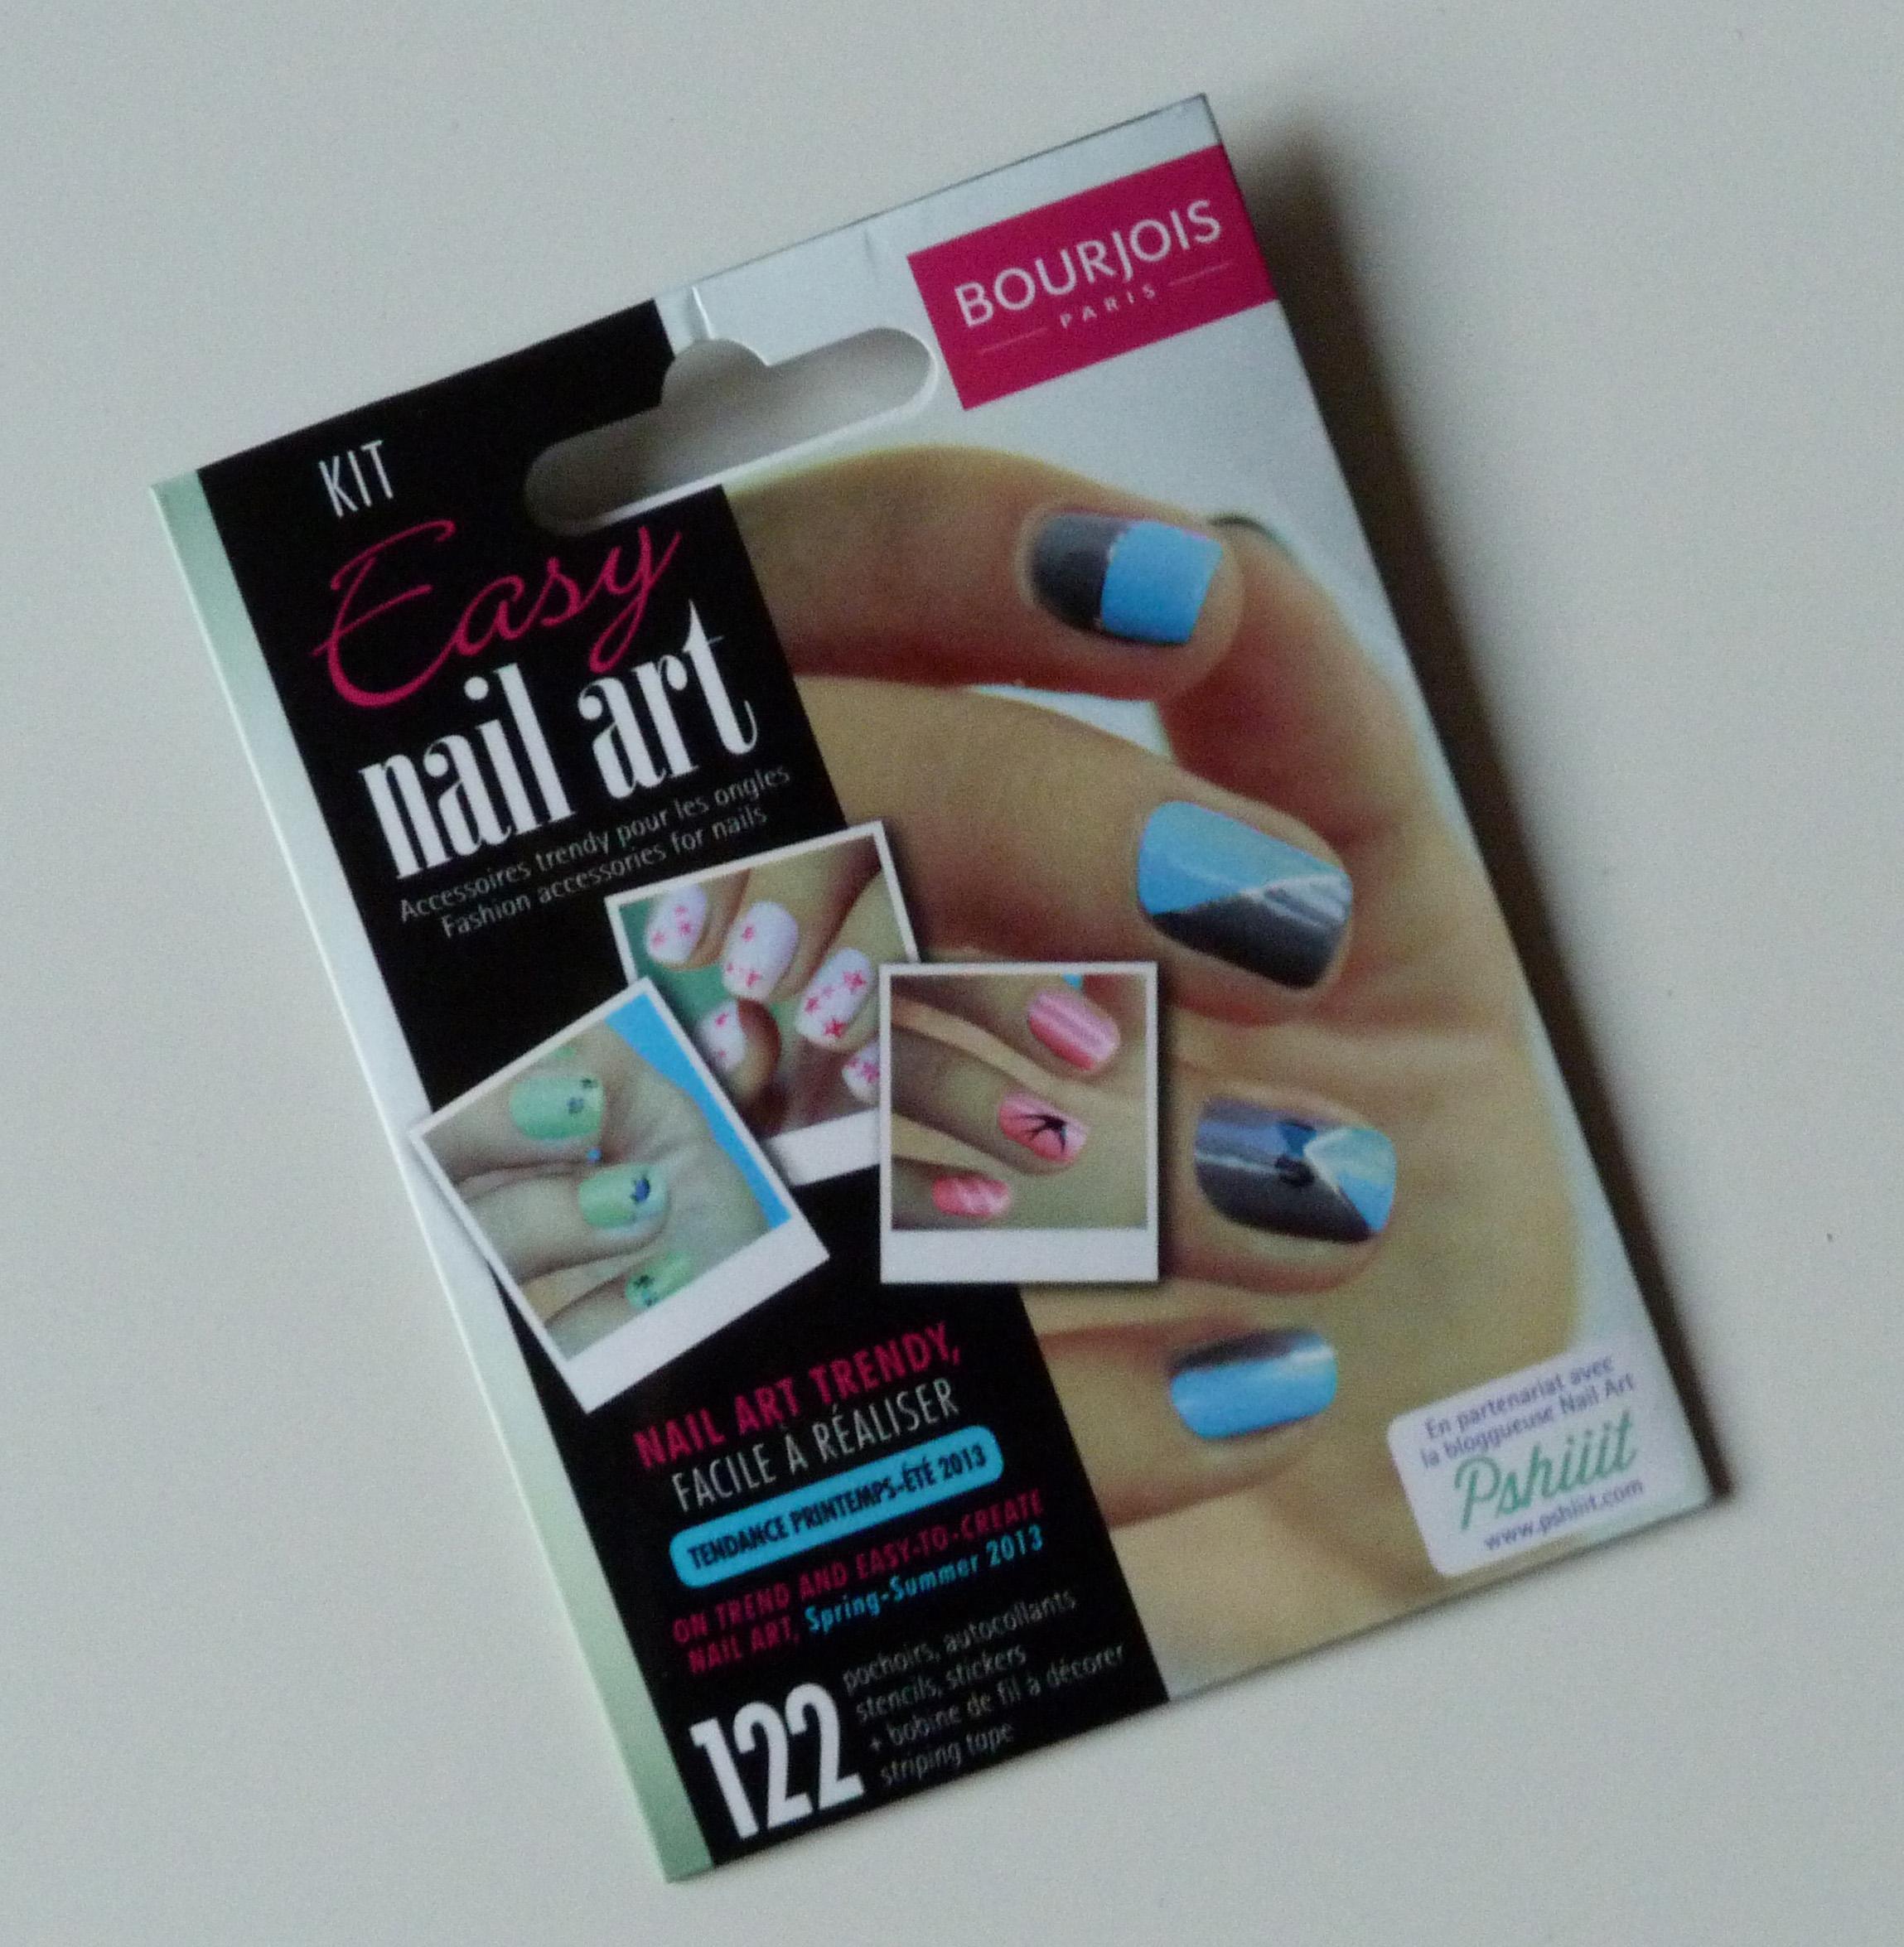 Le Kit Easy Nail Art De Bourgeois Feat Pshiiit